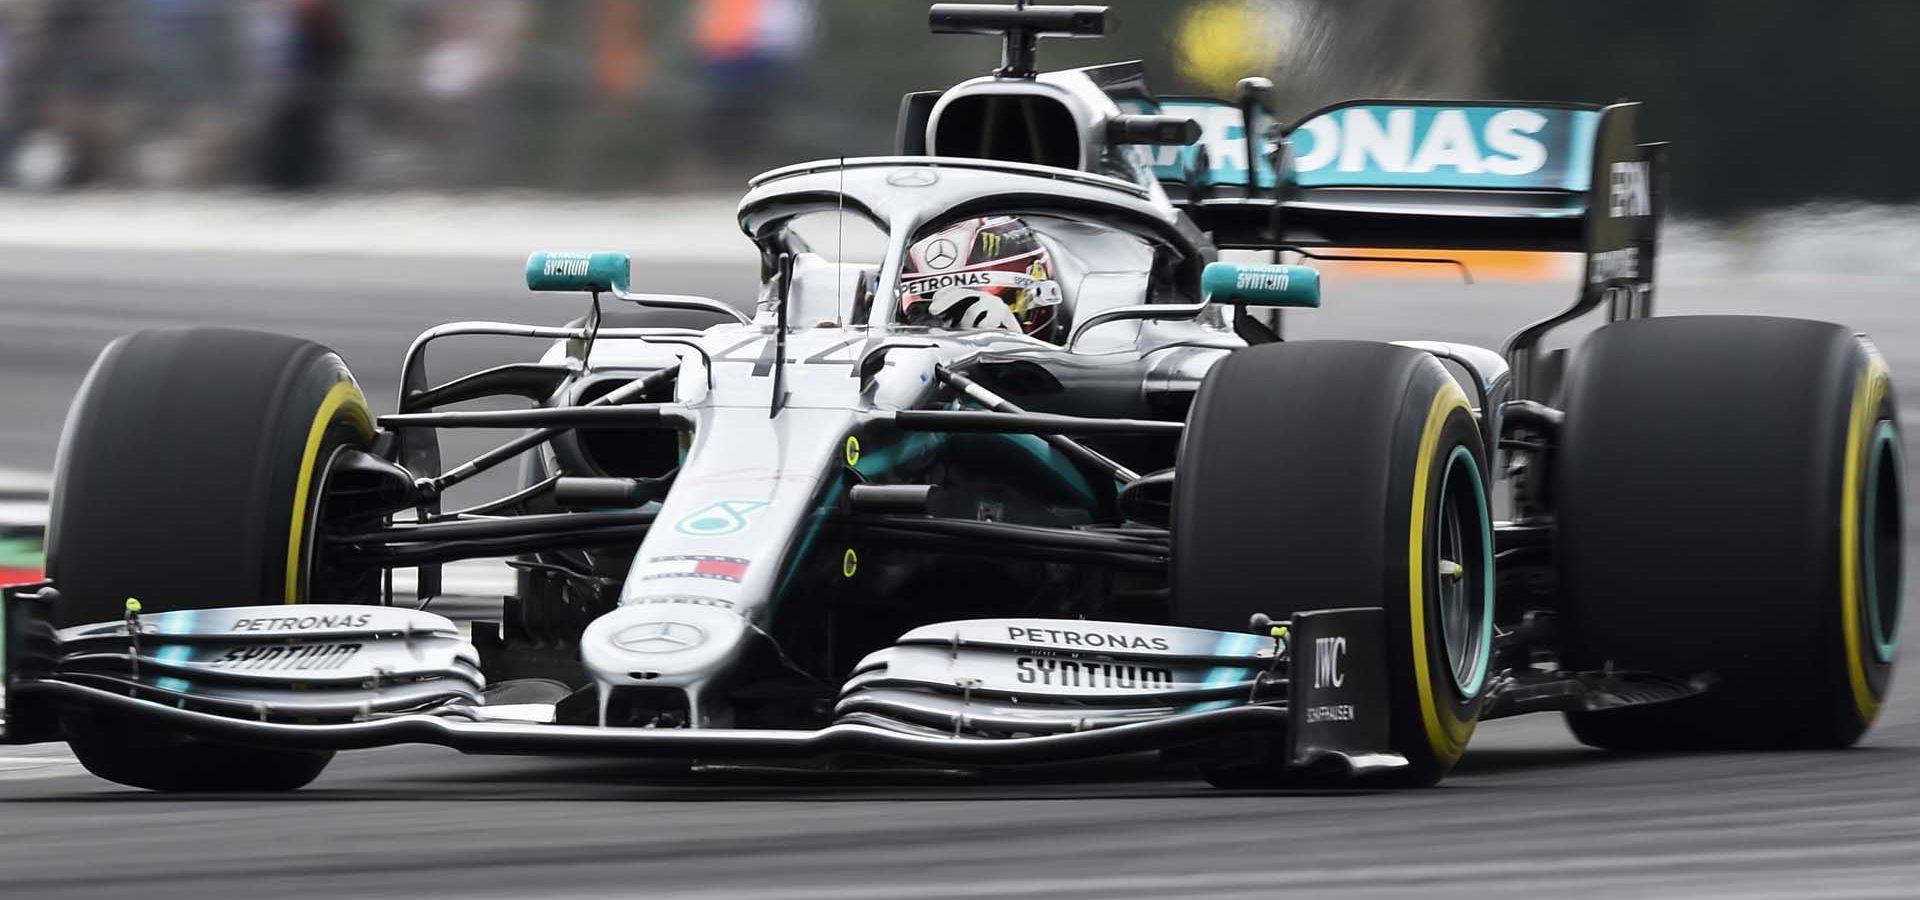 2019 British Grand Prix, Saturday - LAT Images Lewis Hamilton Mercedes